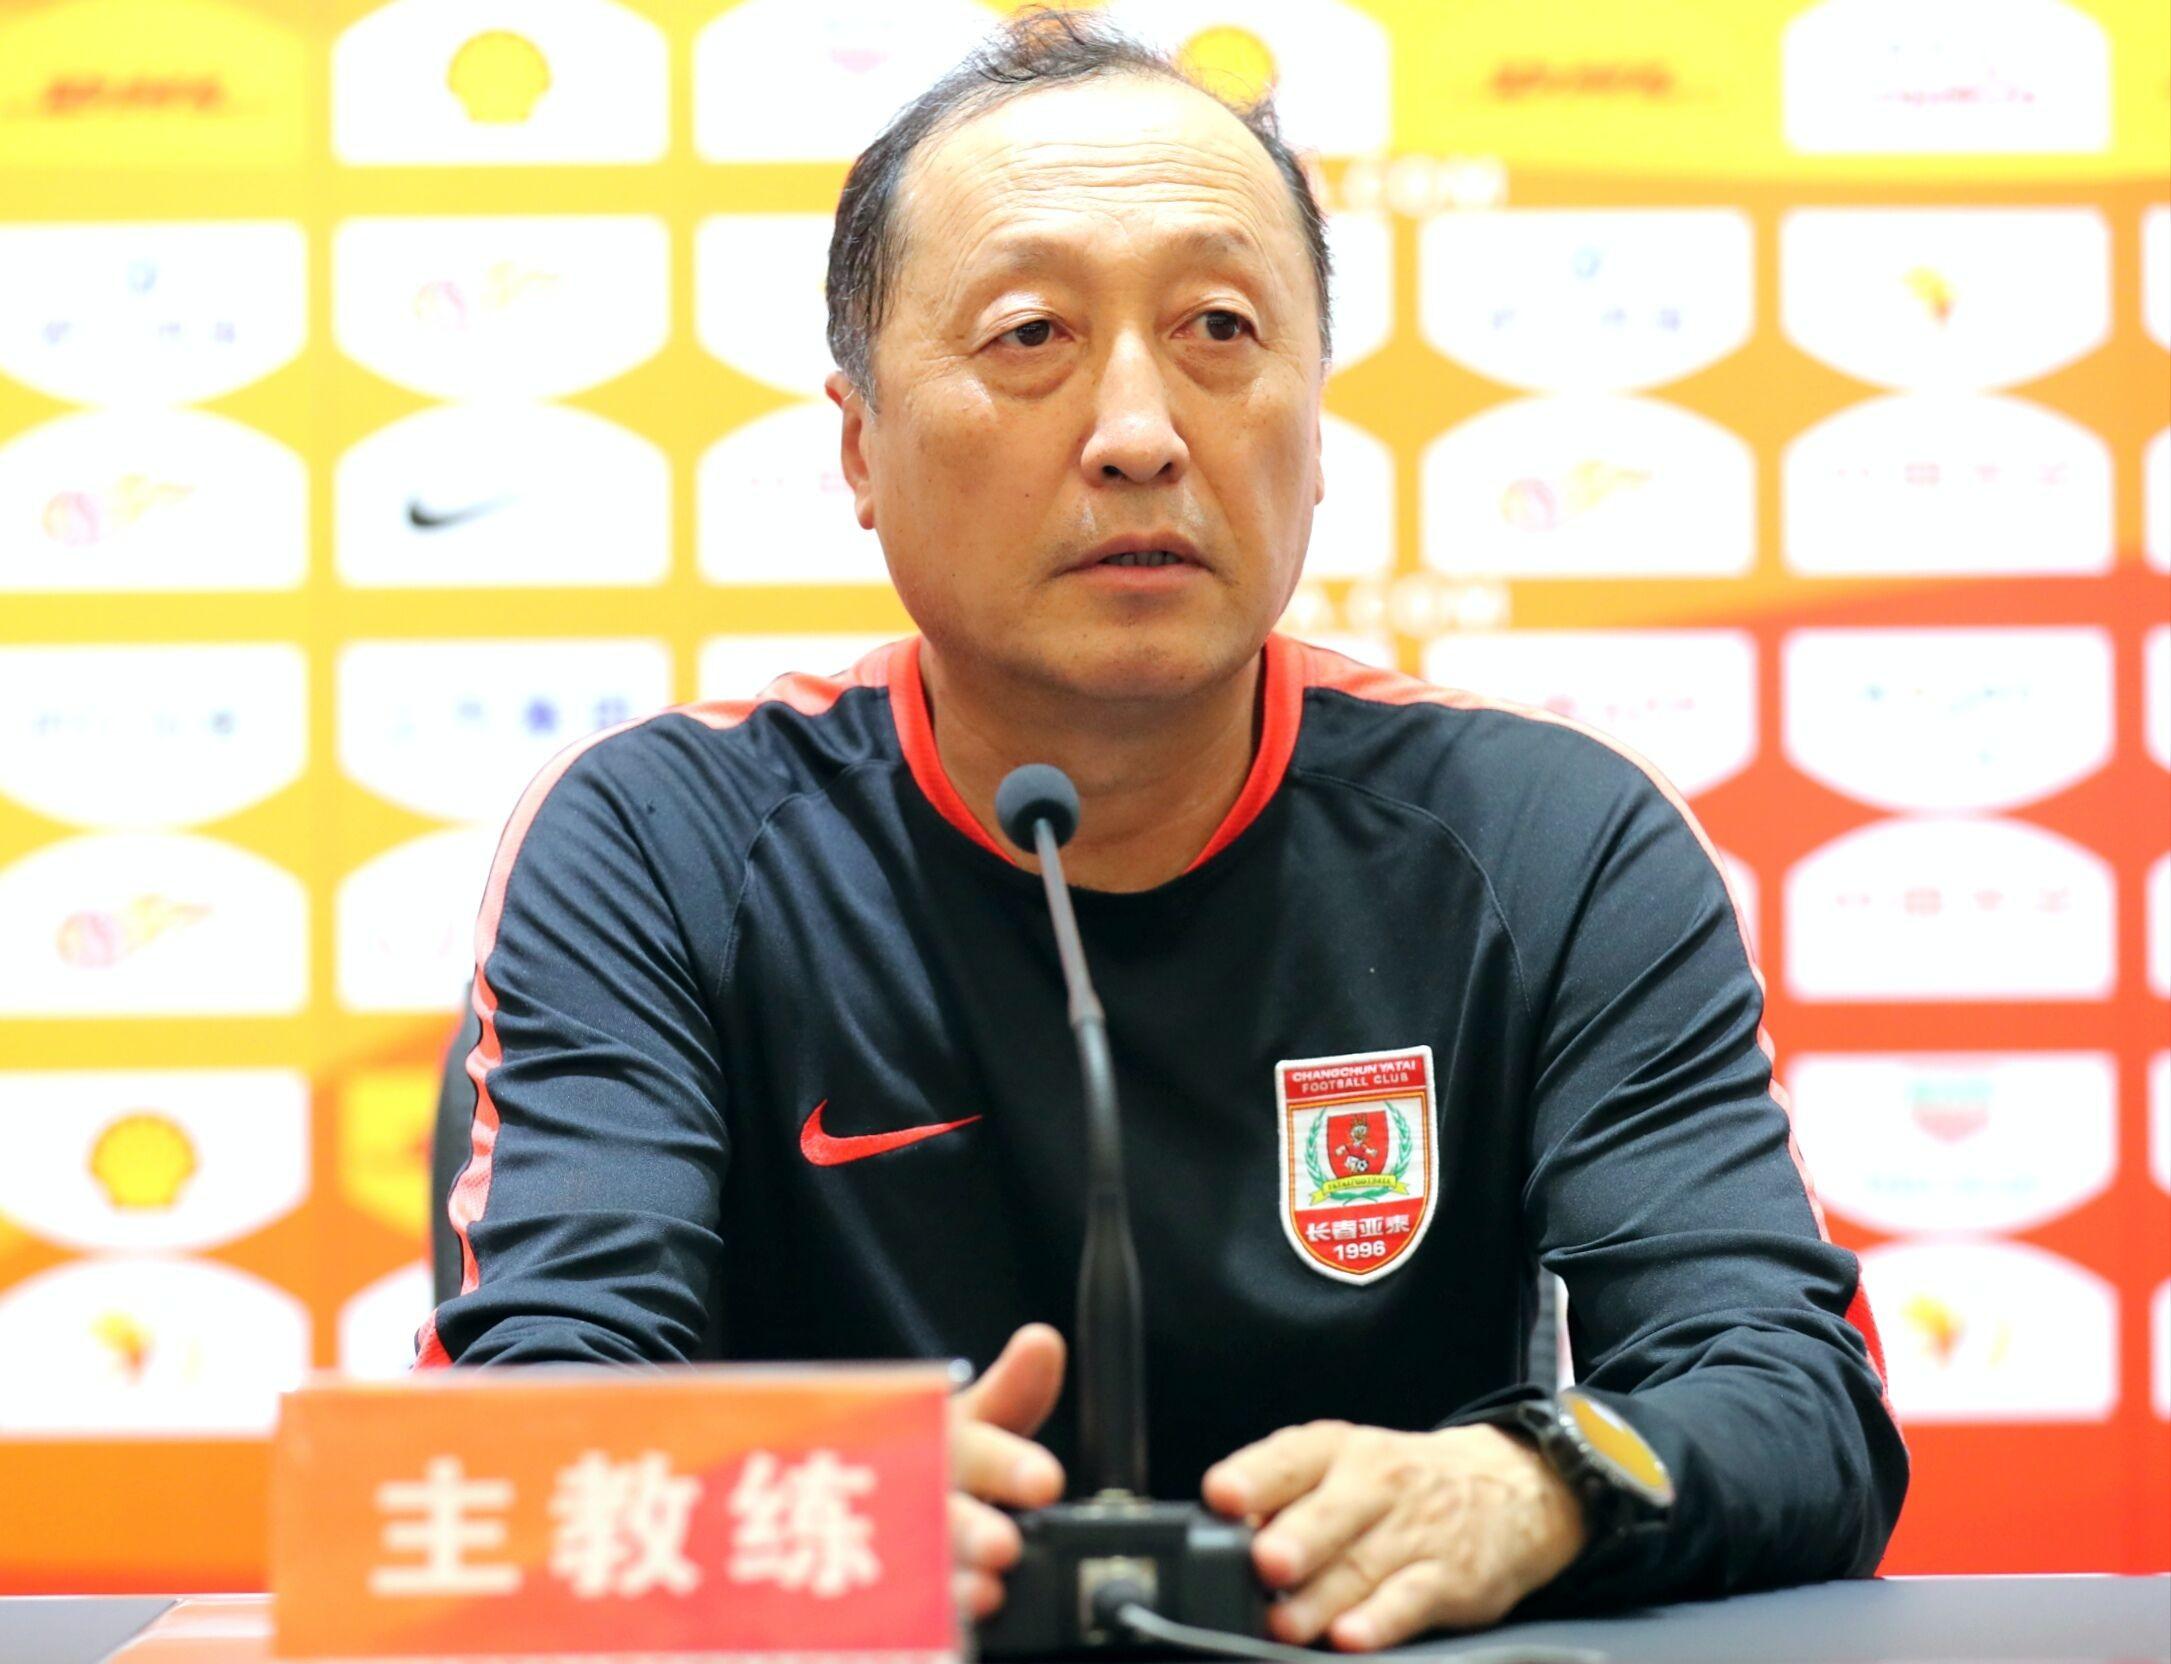 陈金刚:赛程密集备战时间少,明天的比赛对双